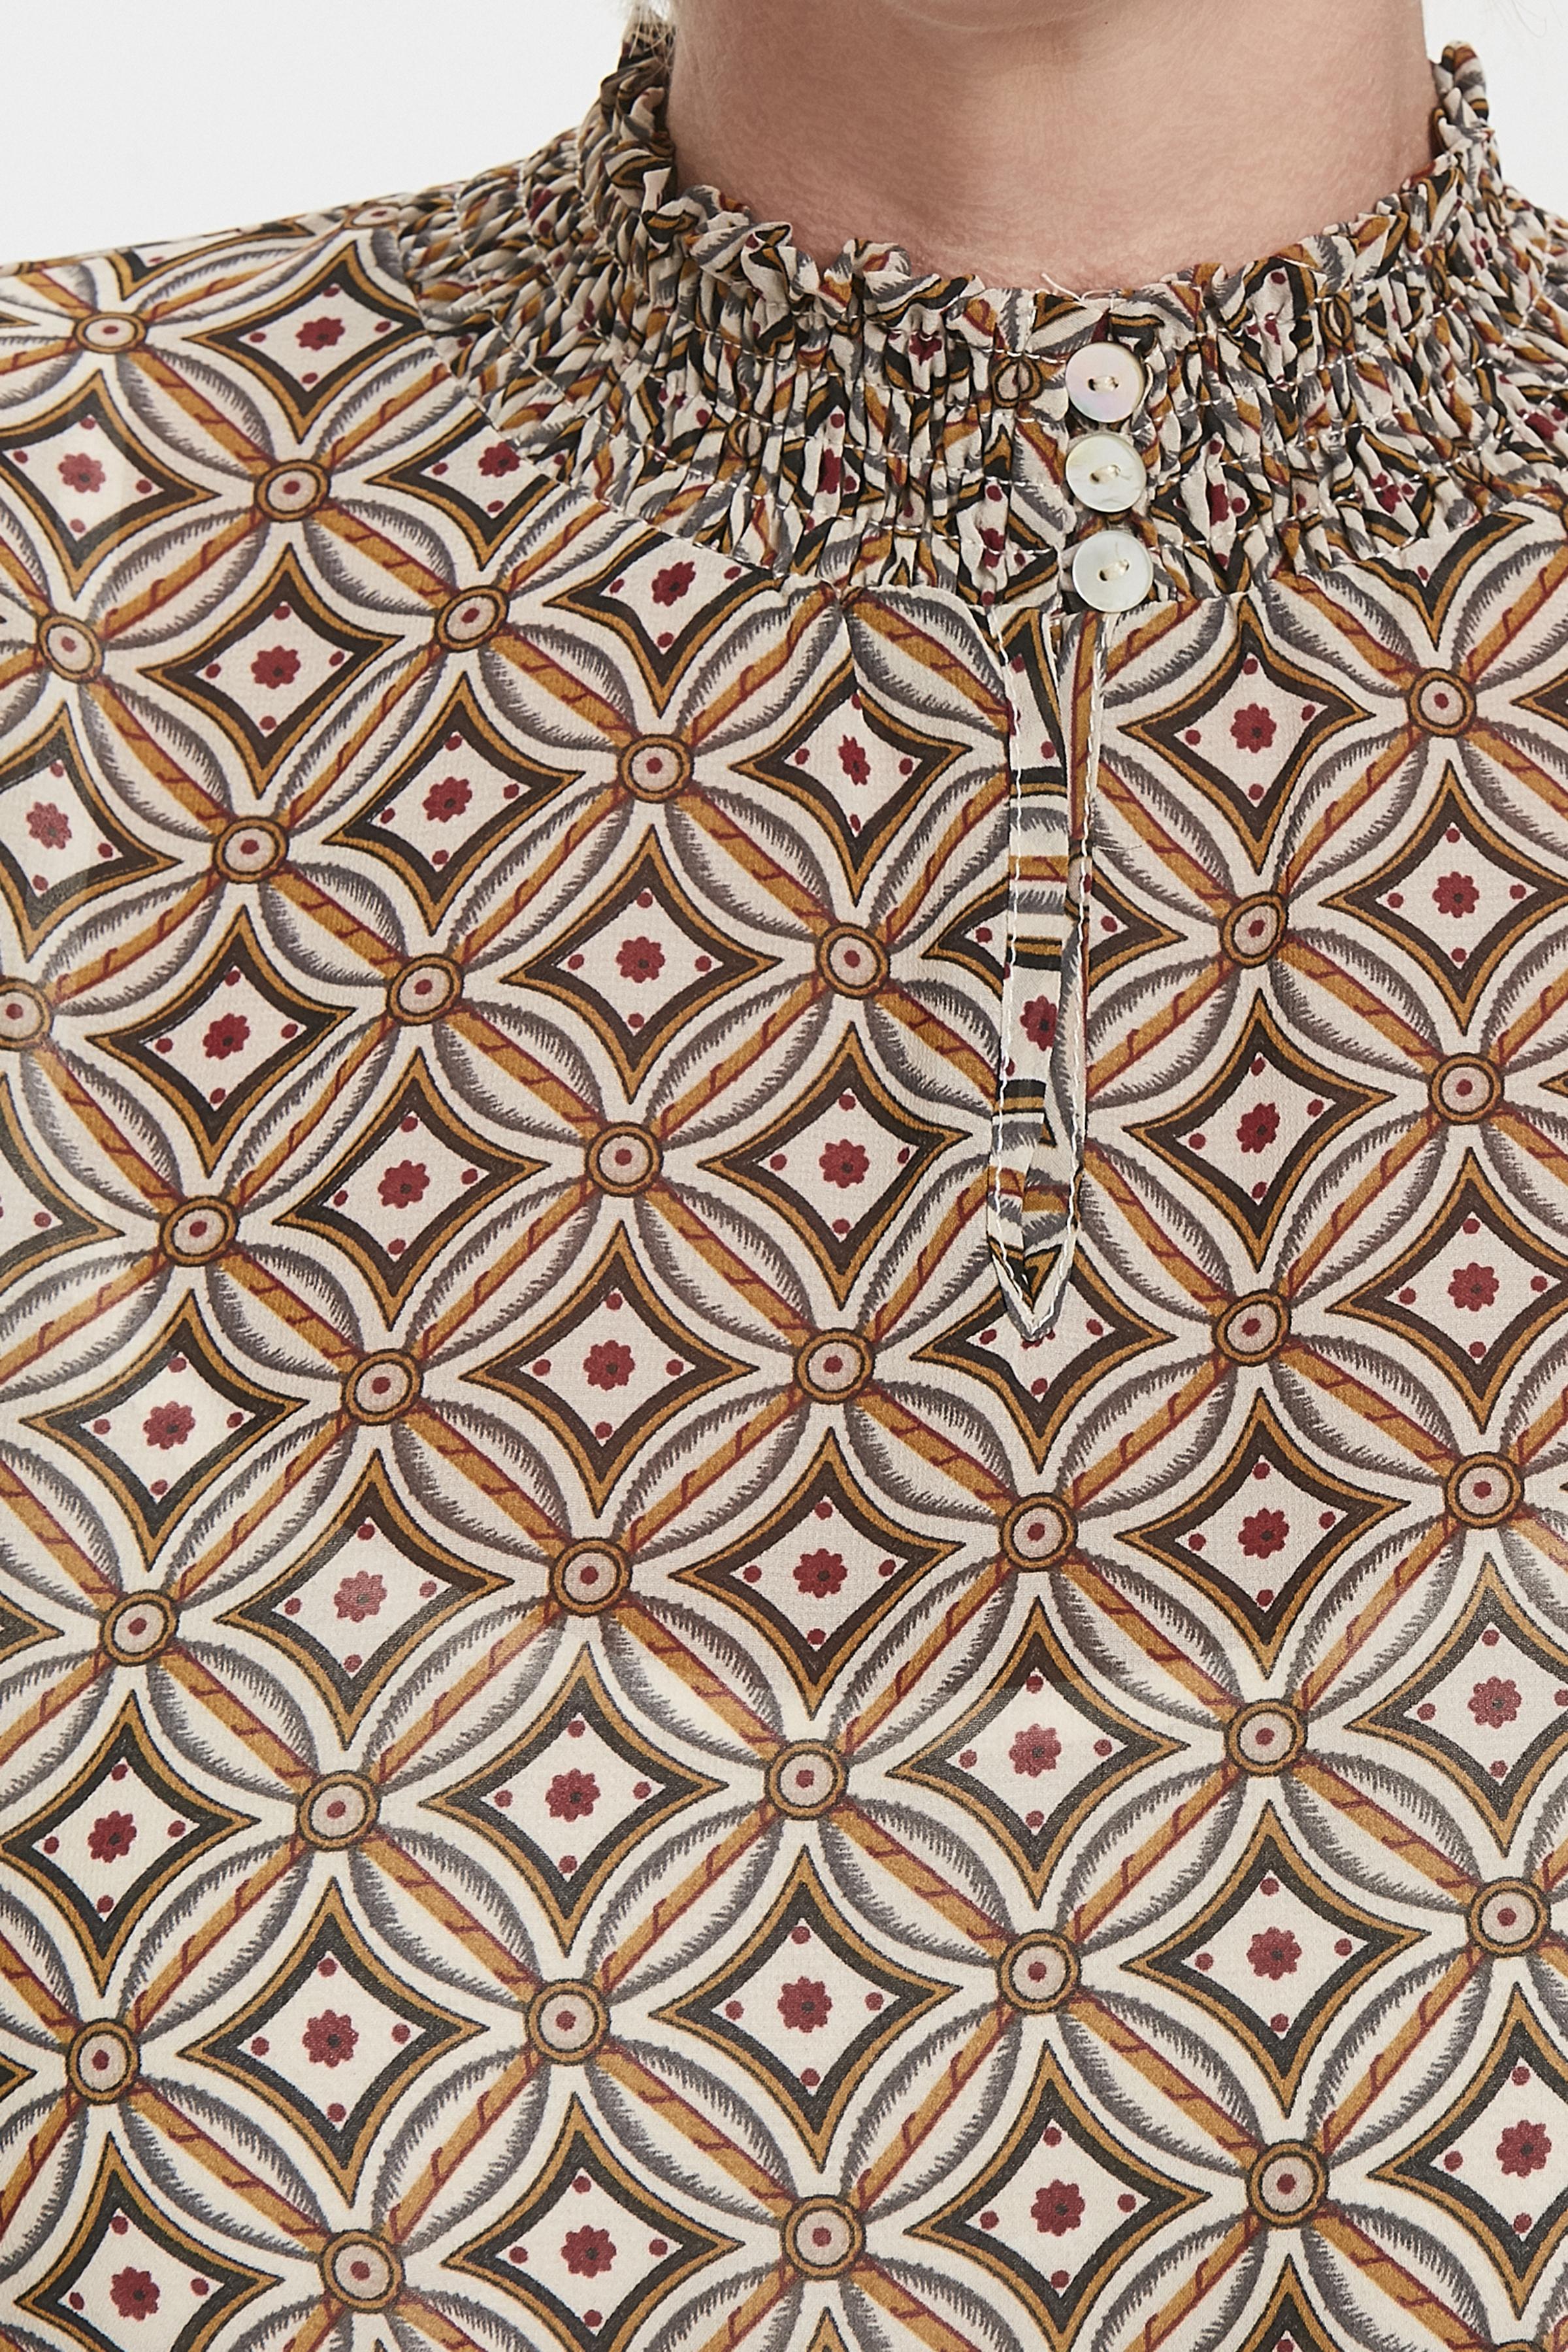 Mörk sand/off-white Klänning från Cream – Köp Mörk sand/off-white Klänning från stl. 34-46 här